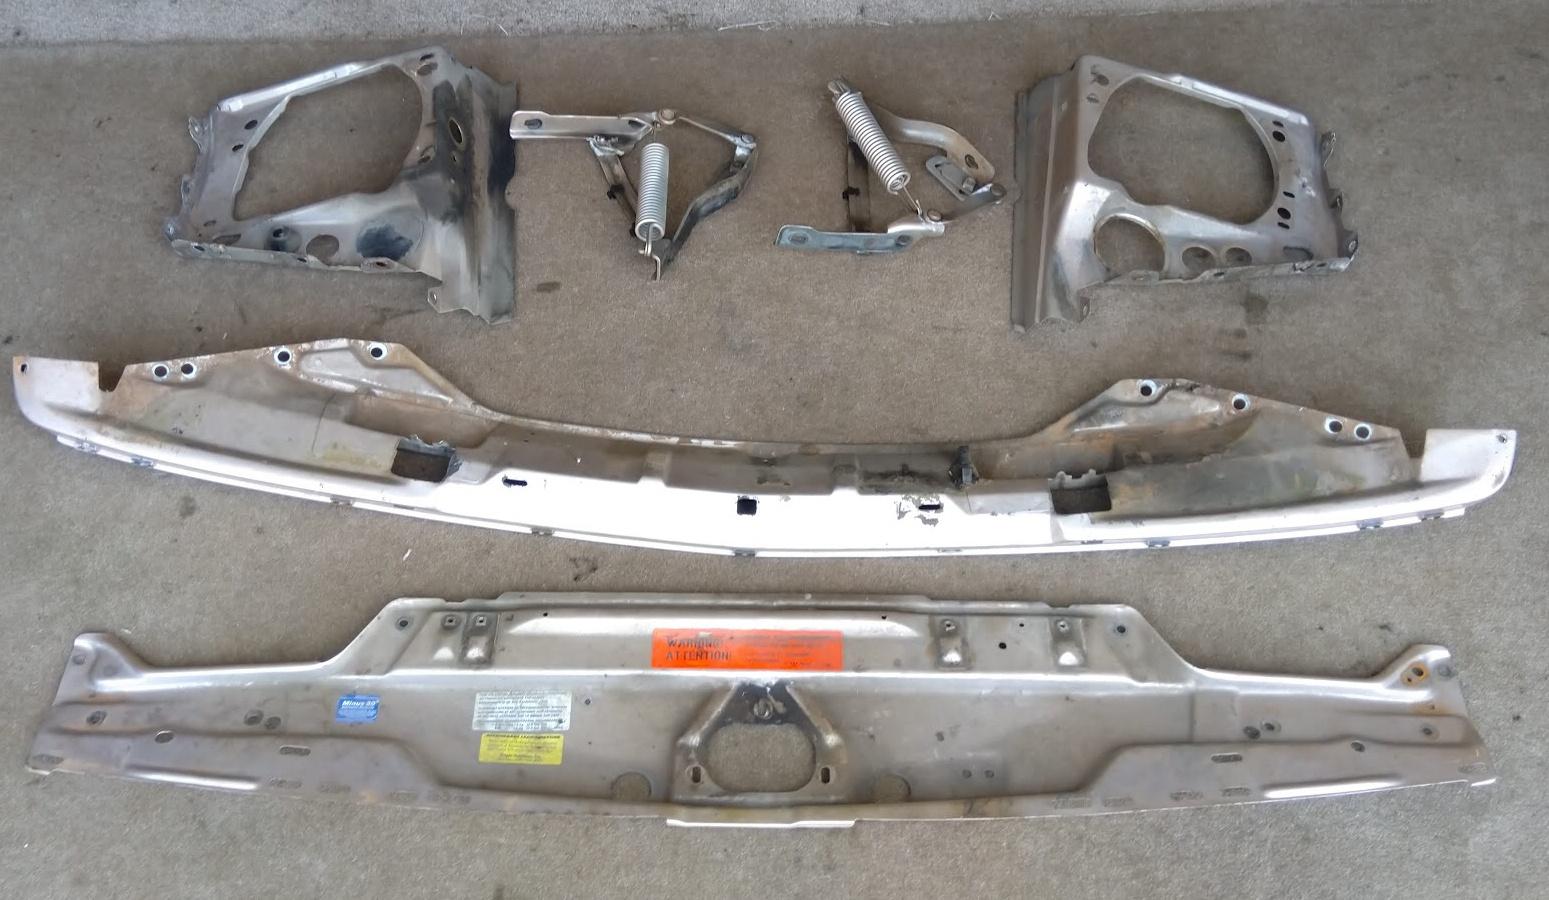 3A9E1BDE-79EA-4E53-8457-B6EF8B86D65F.jpeg